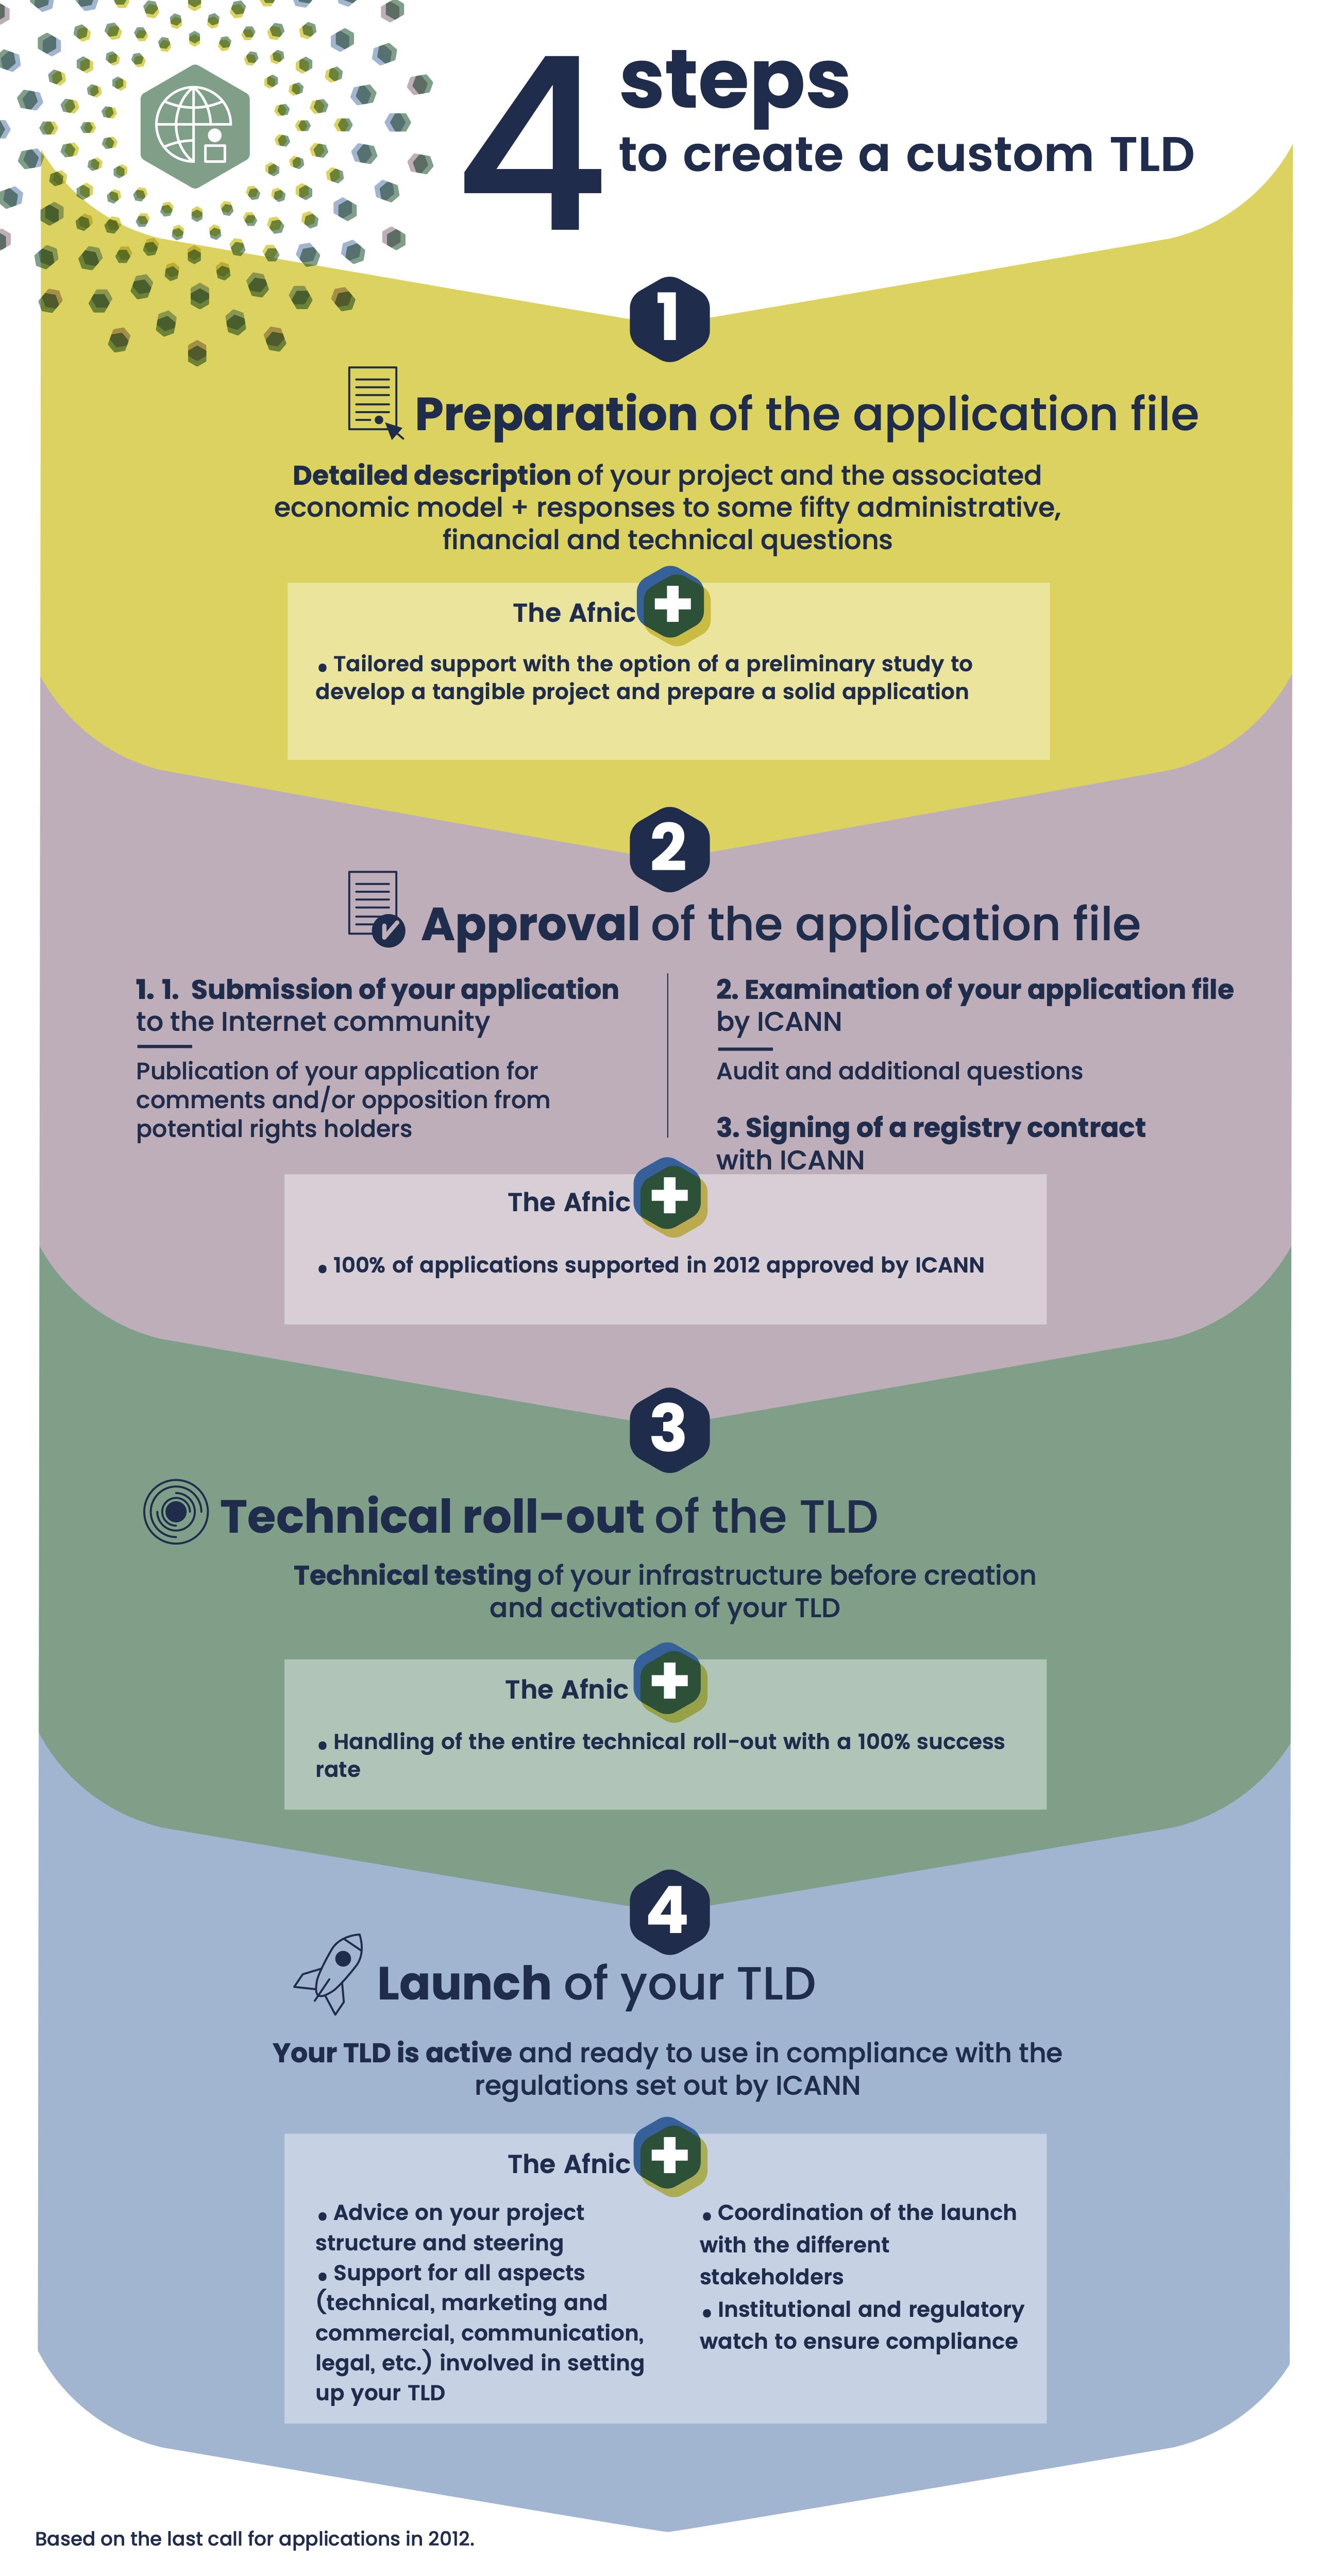 4 steps to create a custom TLD